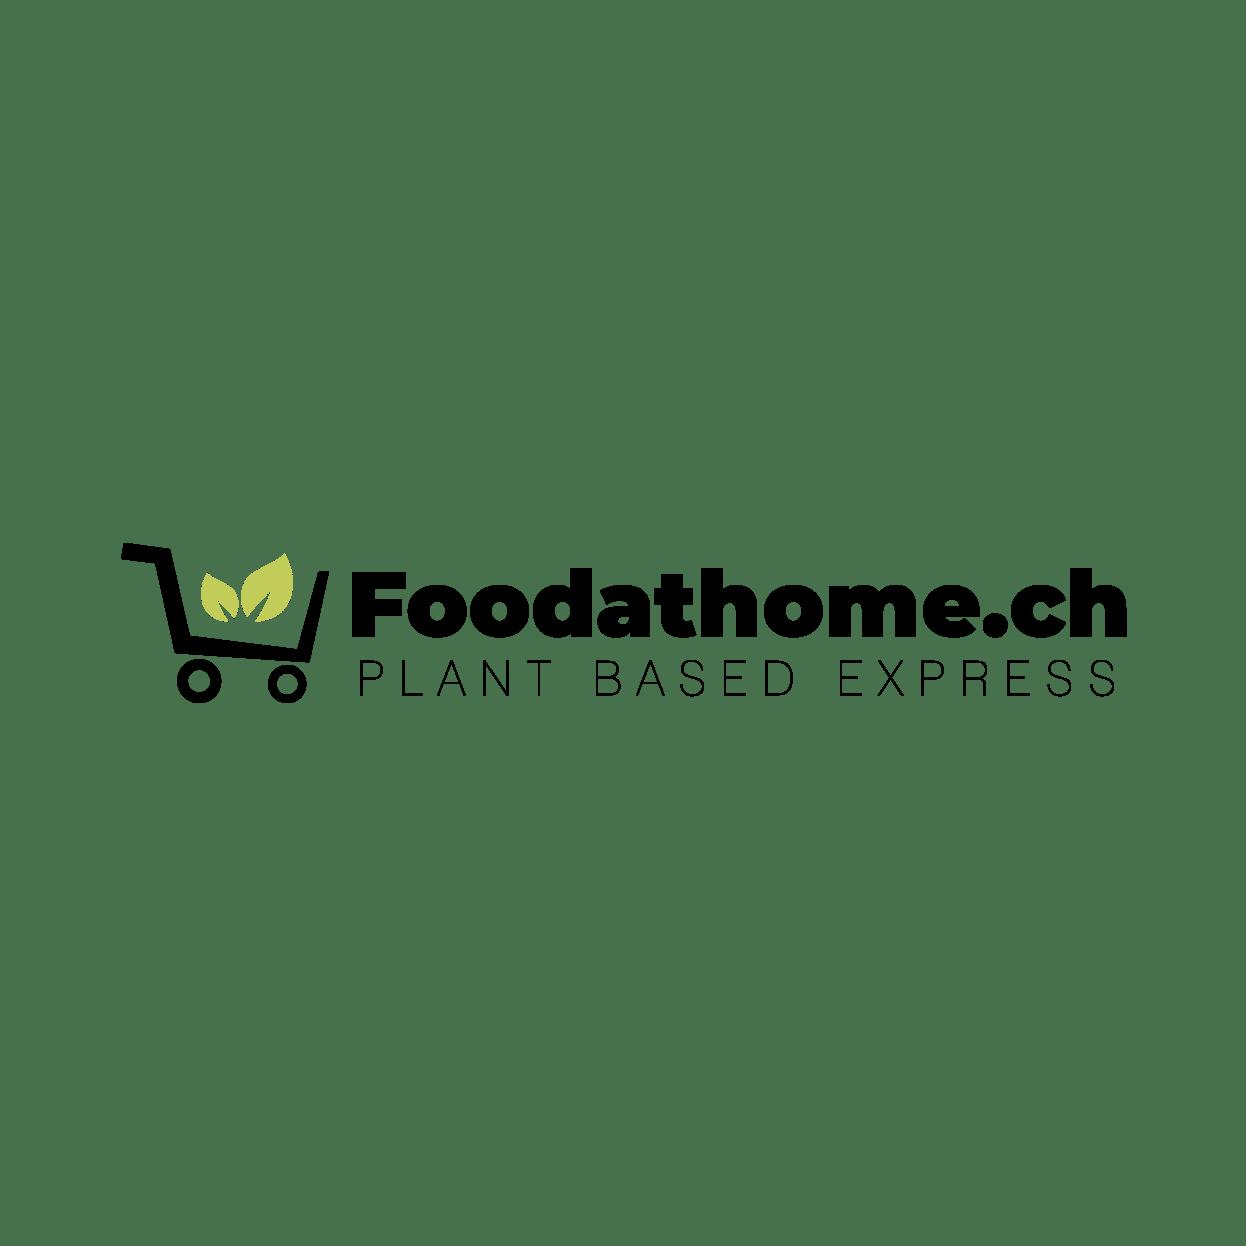 Foodathome.ch